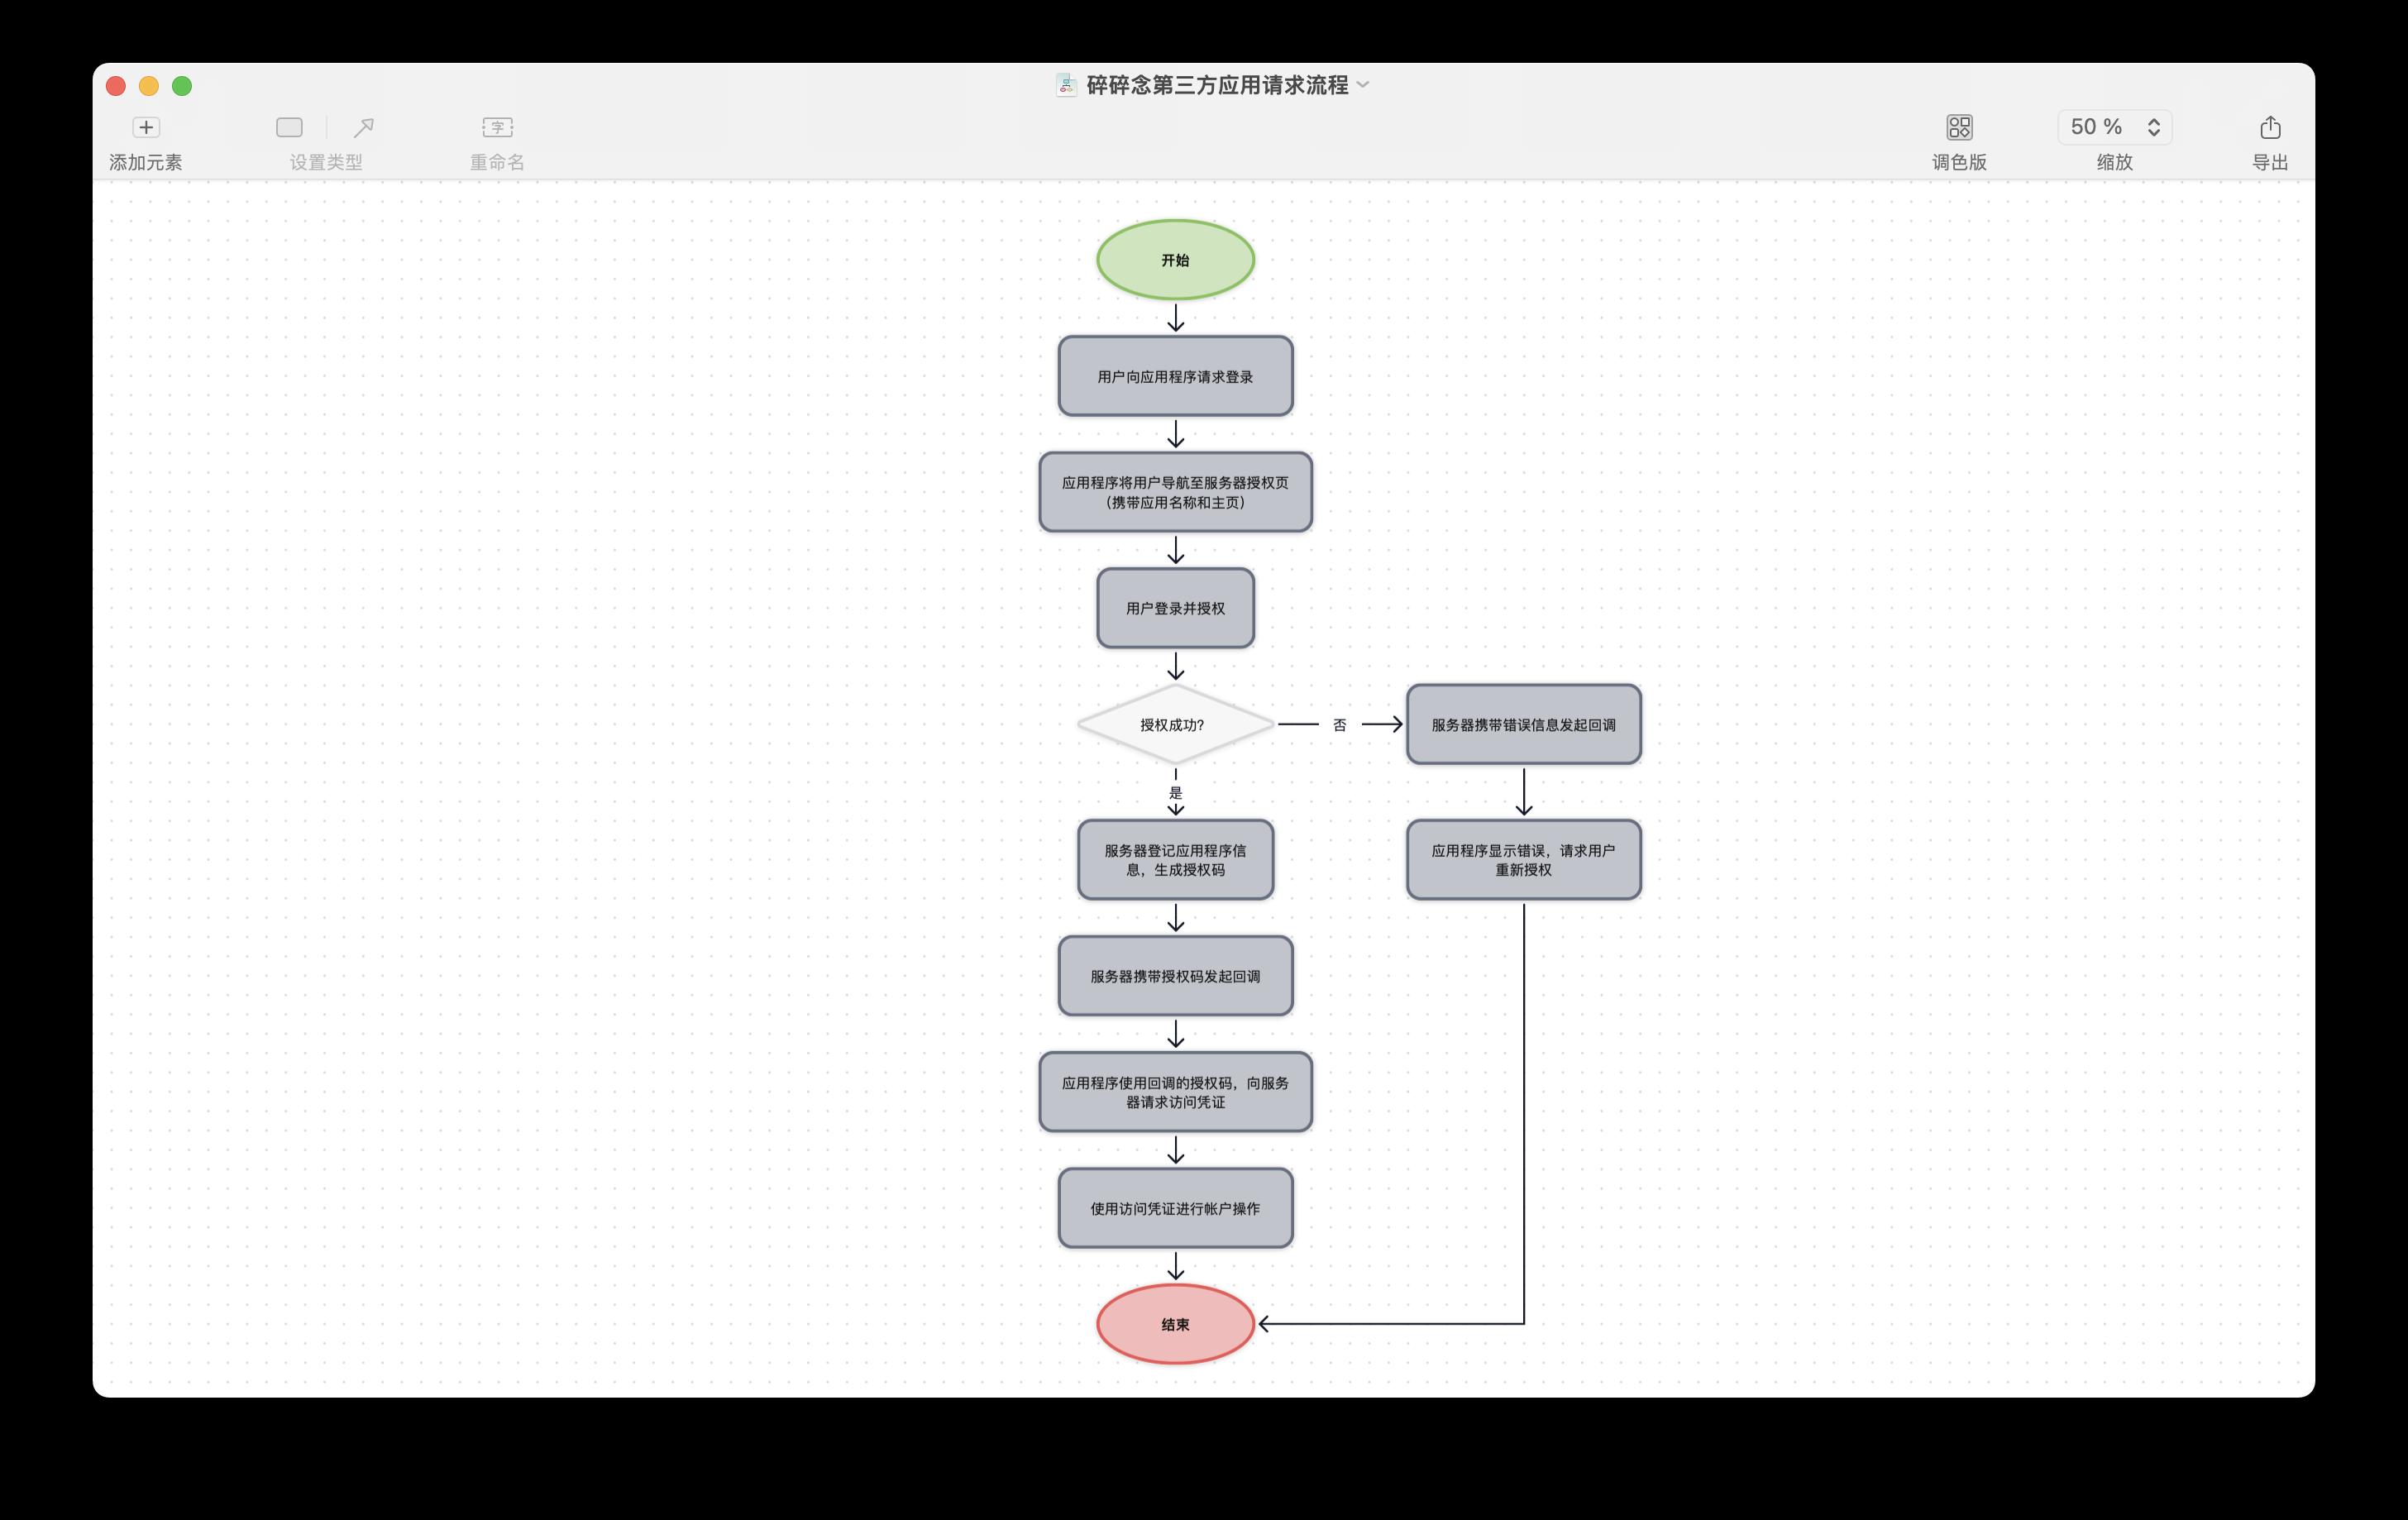 碎碎念(Project Nagging)的第三方应用请求流程,当然我还没做出来……